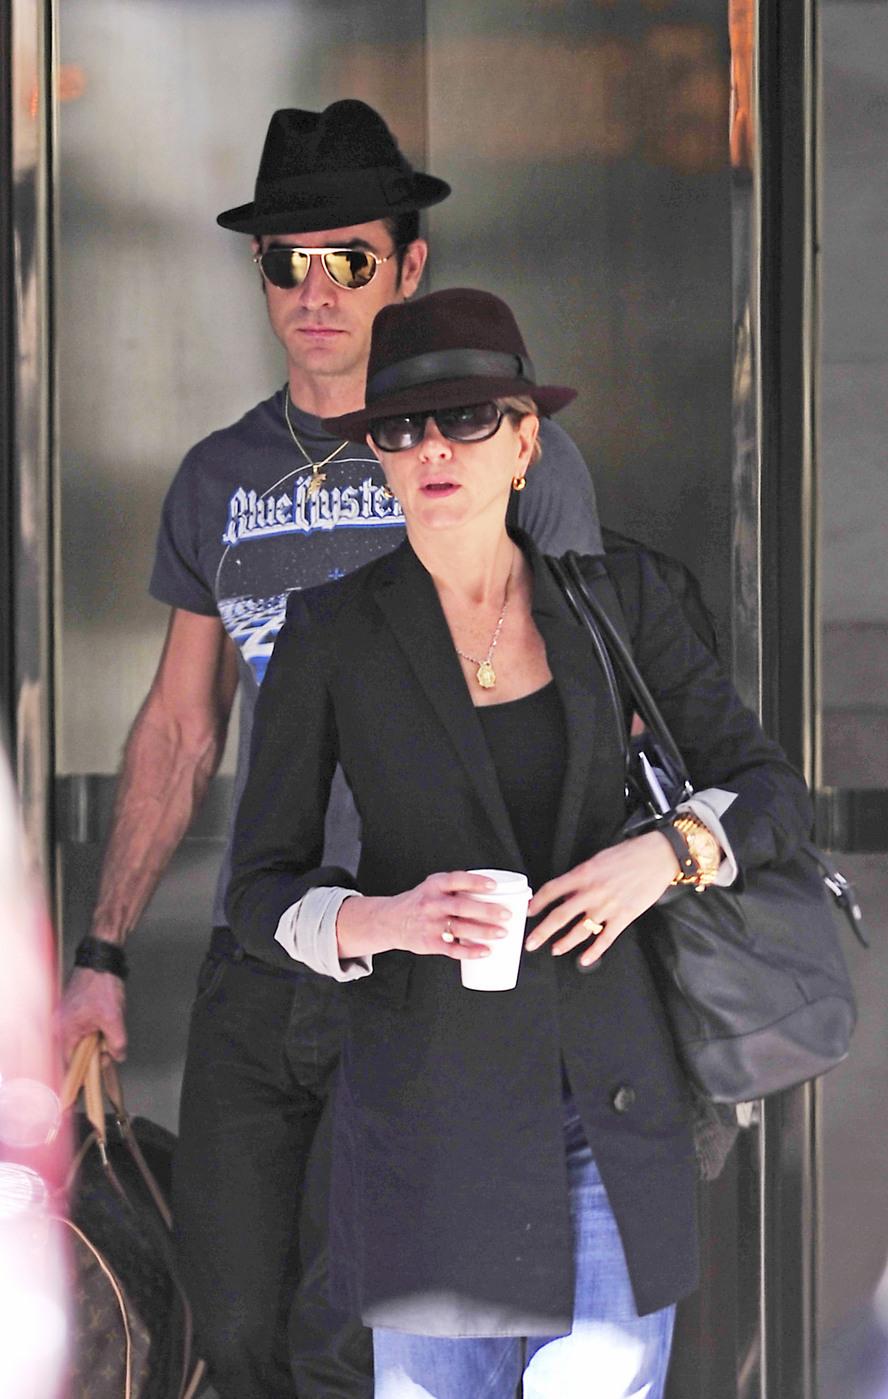 Jennifer Aniston and Justin Theroux matching fashion